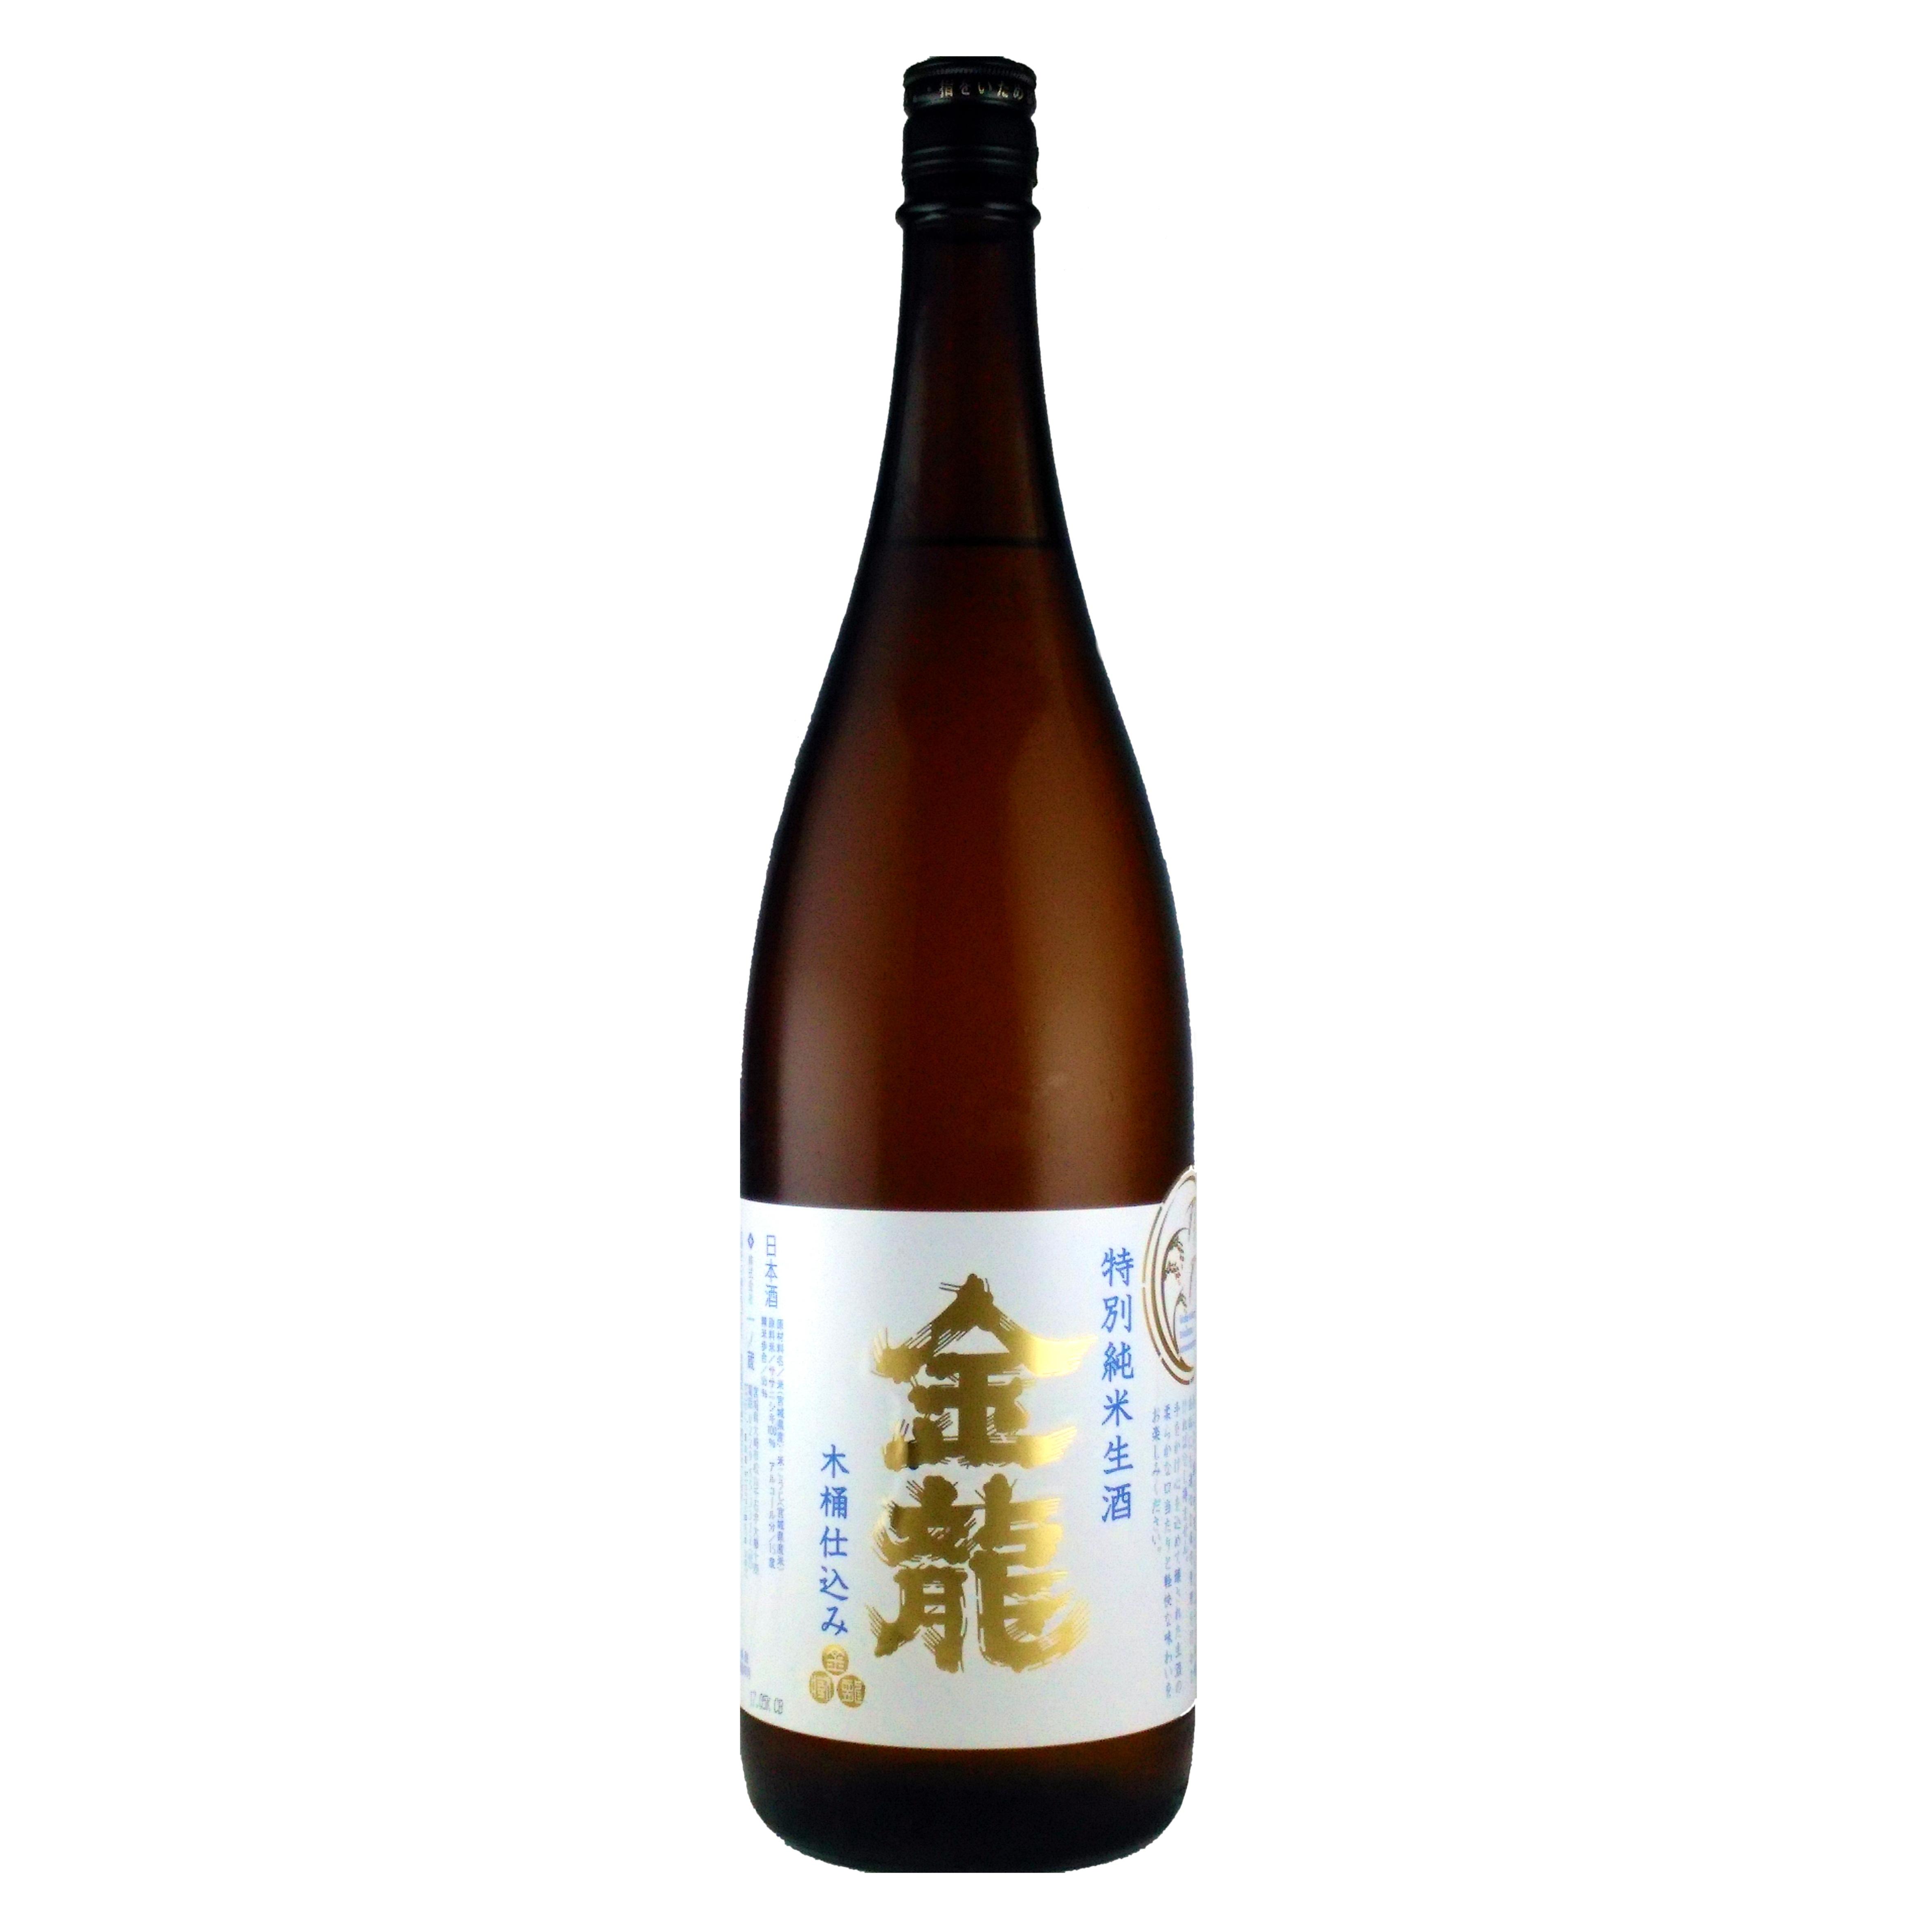 一ノ蔵 金龍 木桶仕込み 特別純米酒 生酒